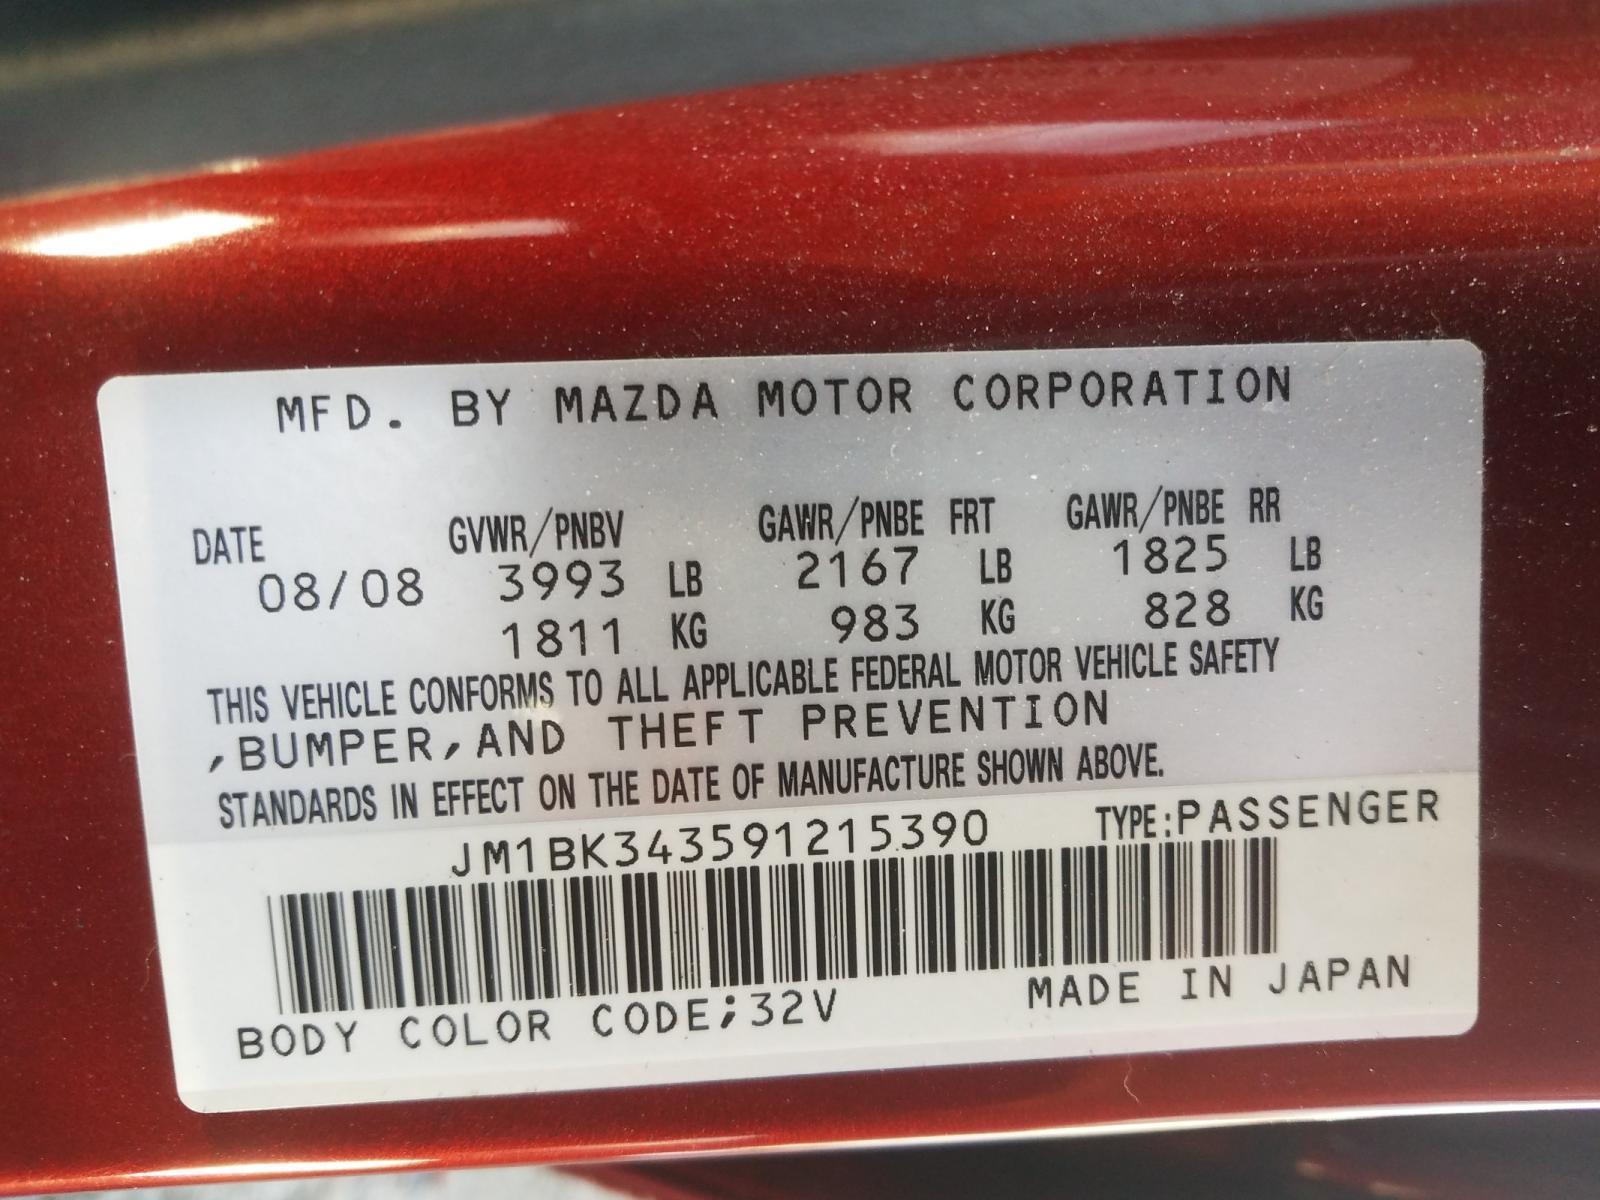 JM1BK343591215390 - 2009 Mazda 3 S 2.3L